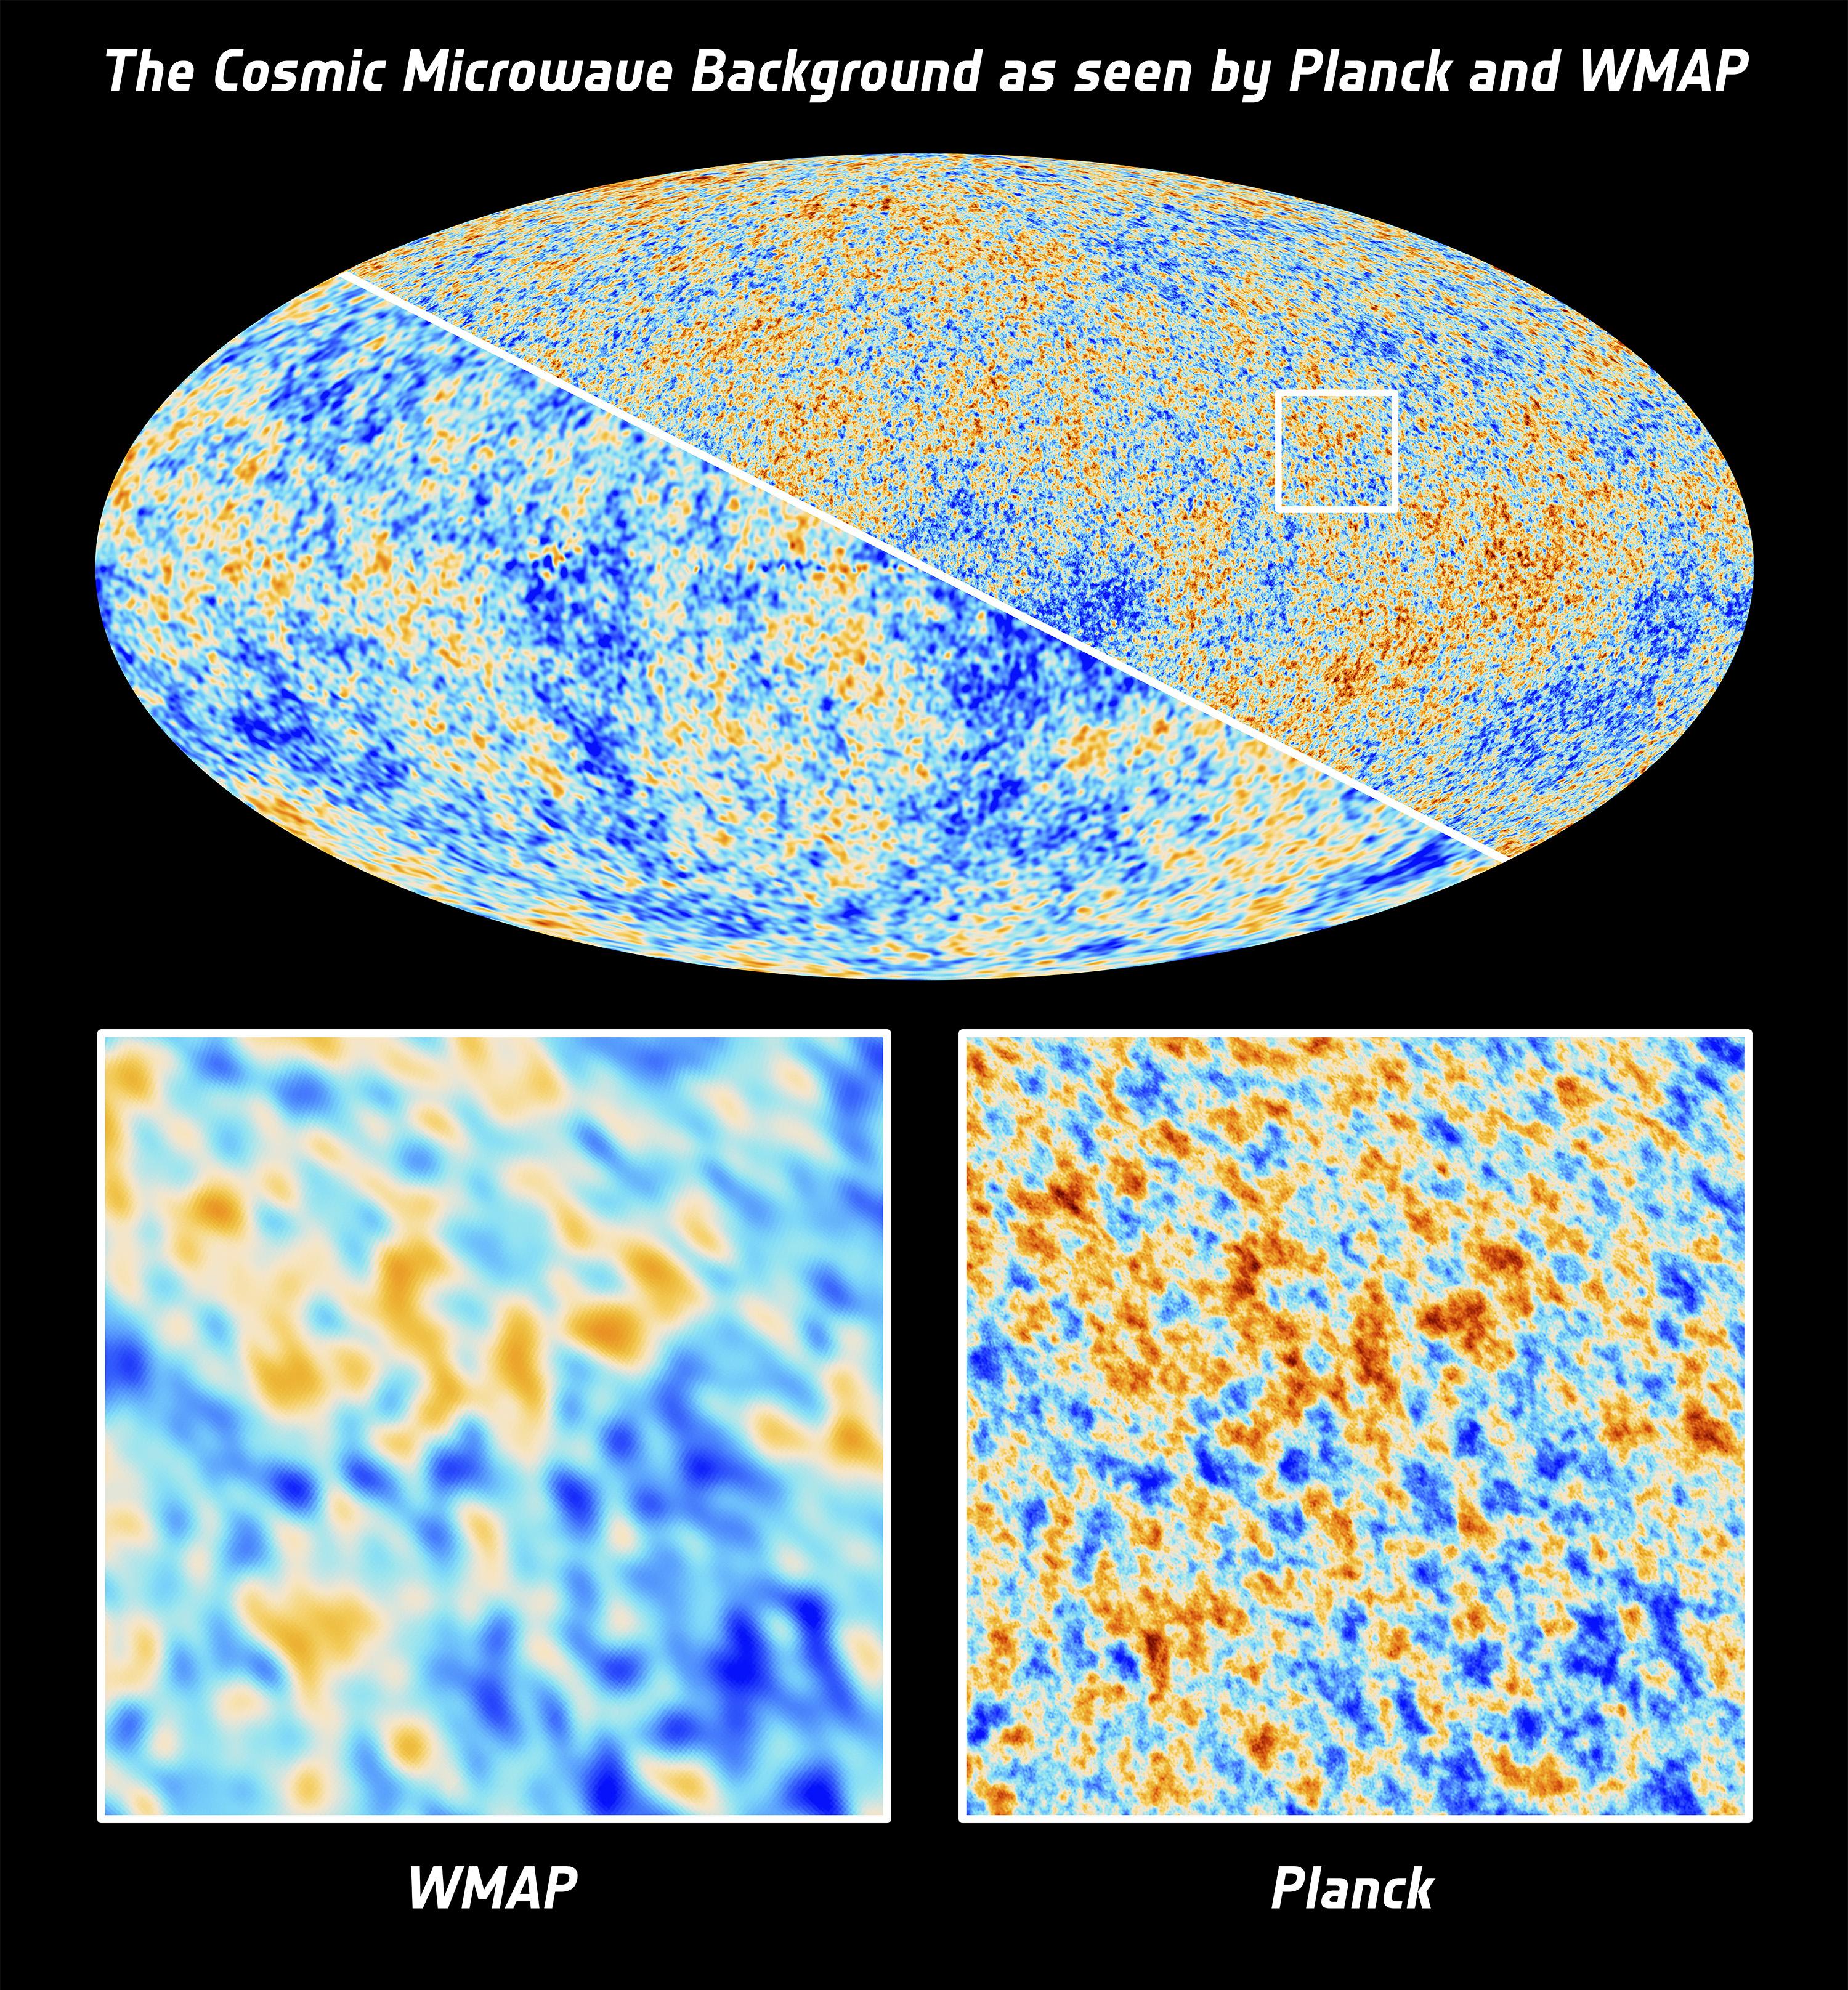 https://i0.wp.com/sci.esa.int/science-e-media/img/62/Compo_CMB_Planck_WMAP_v1_3k.jpg